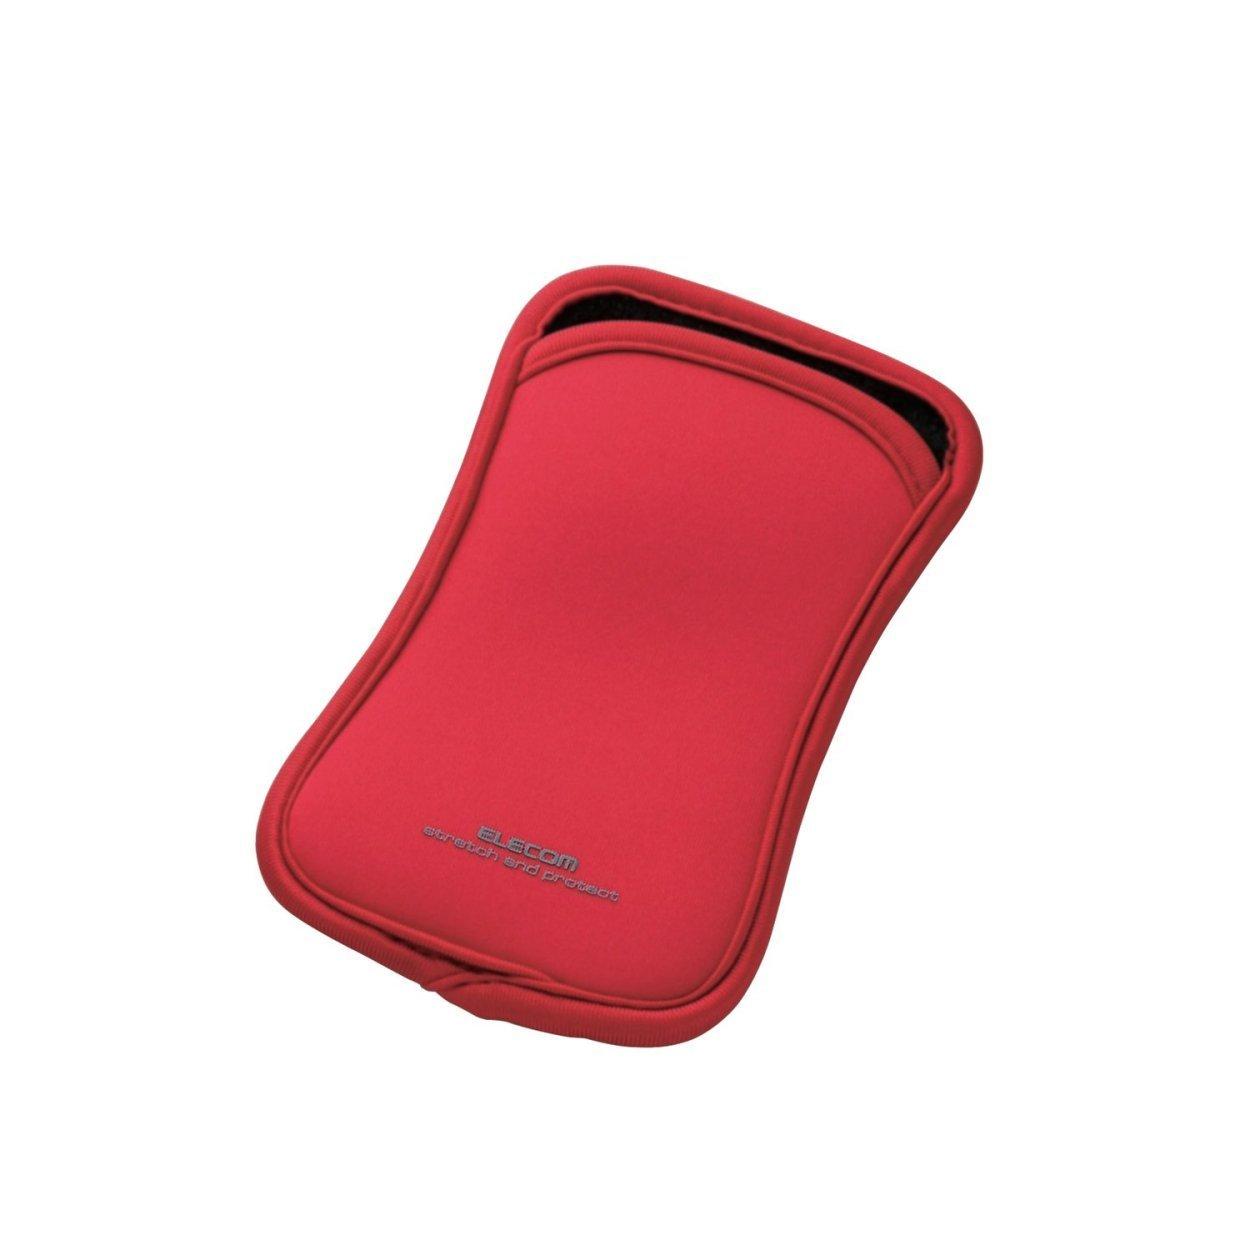 Túi đựng điện thoại DĐ Dùng cho smarphone 5Inch Elecom (Đỏ)